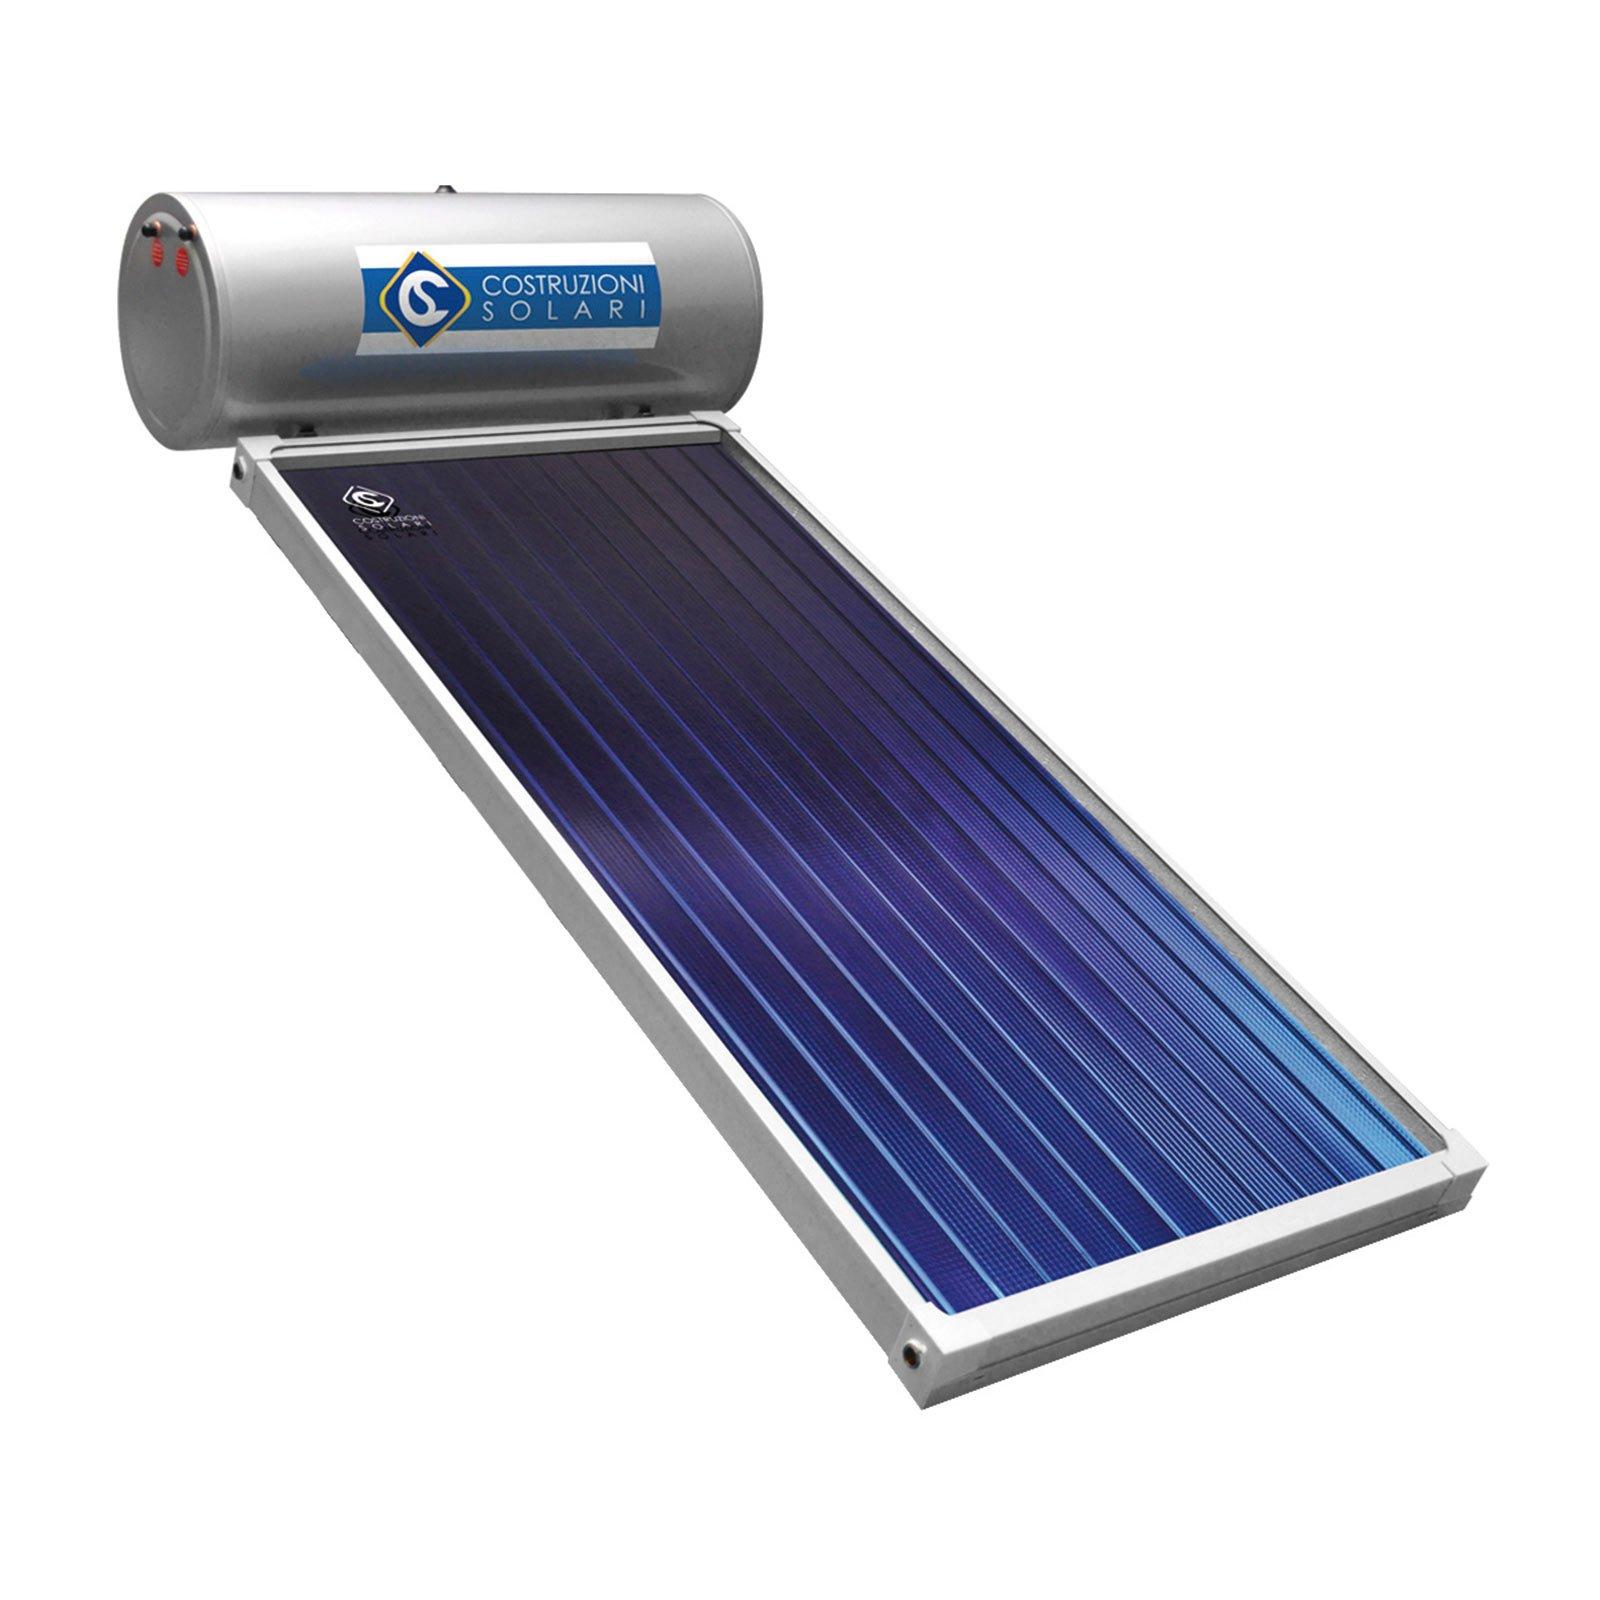 Pannello Solare Goal Zero : Risparmio e tutelo l ambiente da leroy merlin la festa